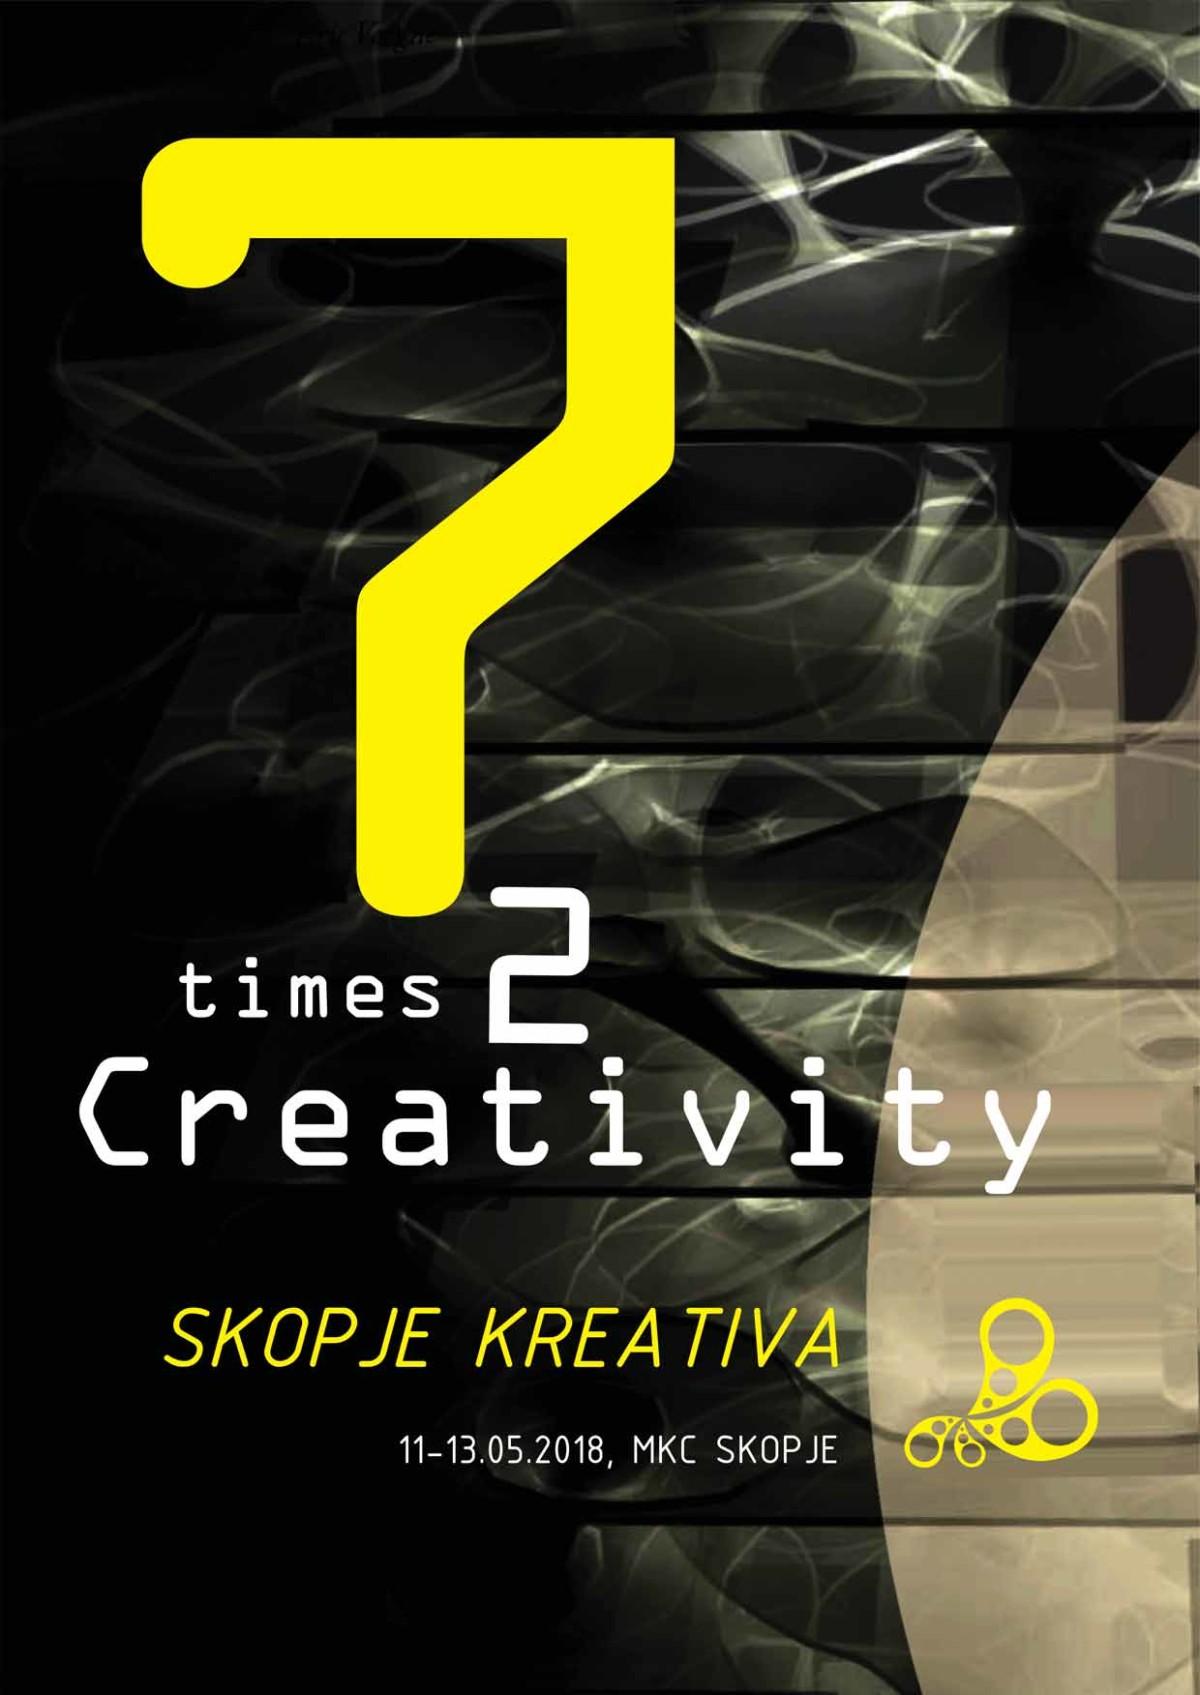 Skopje-Kreativa_2018